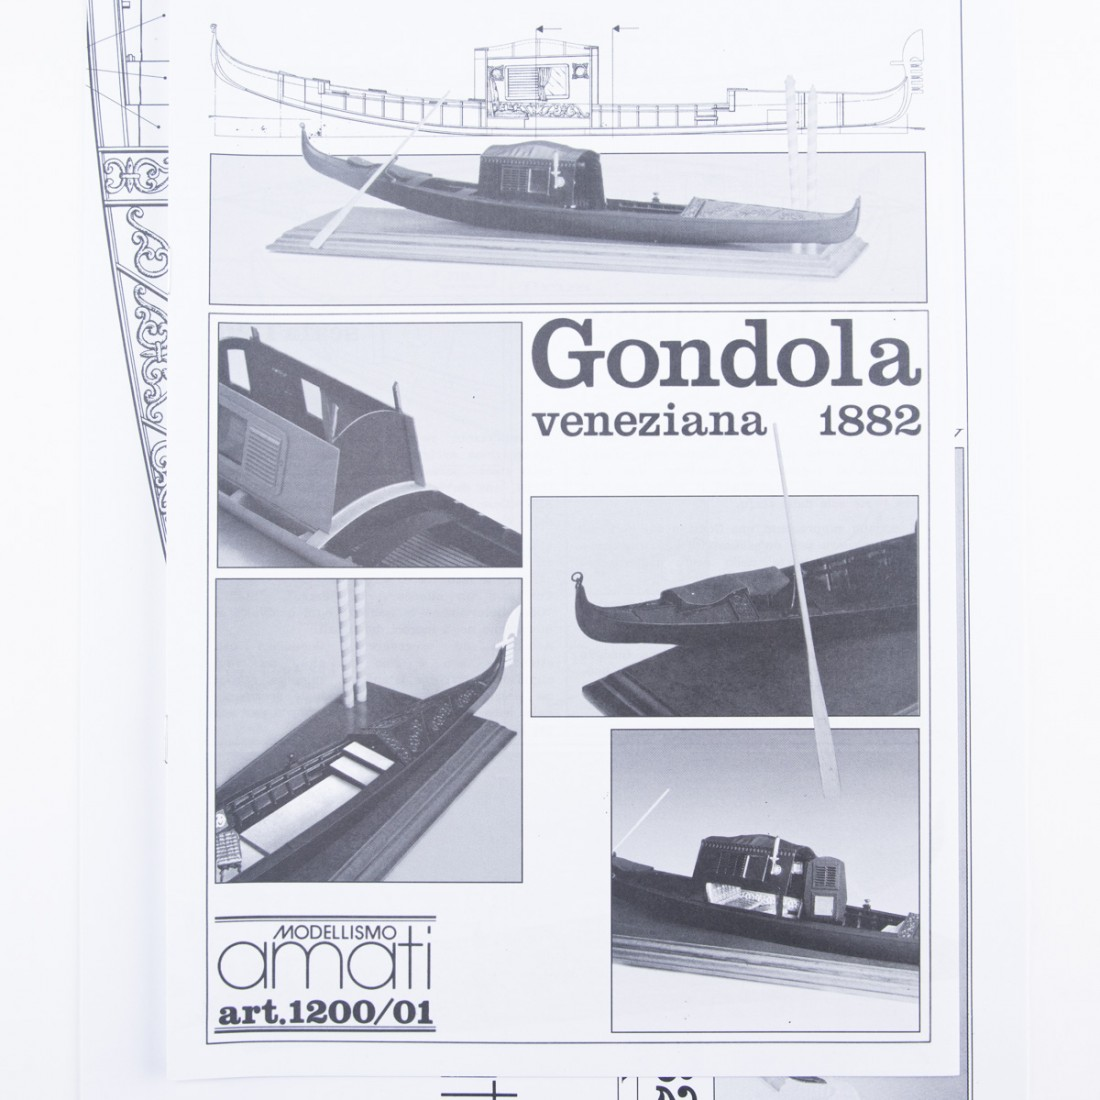 Plan de la góndola veneciana